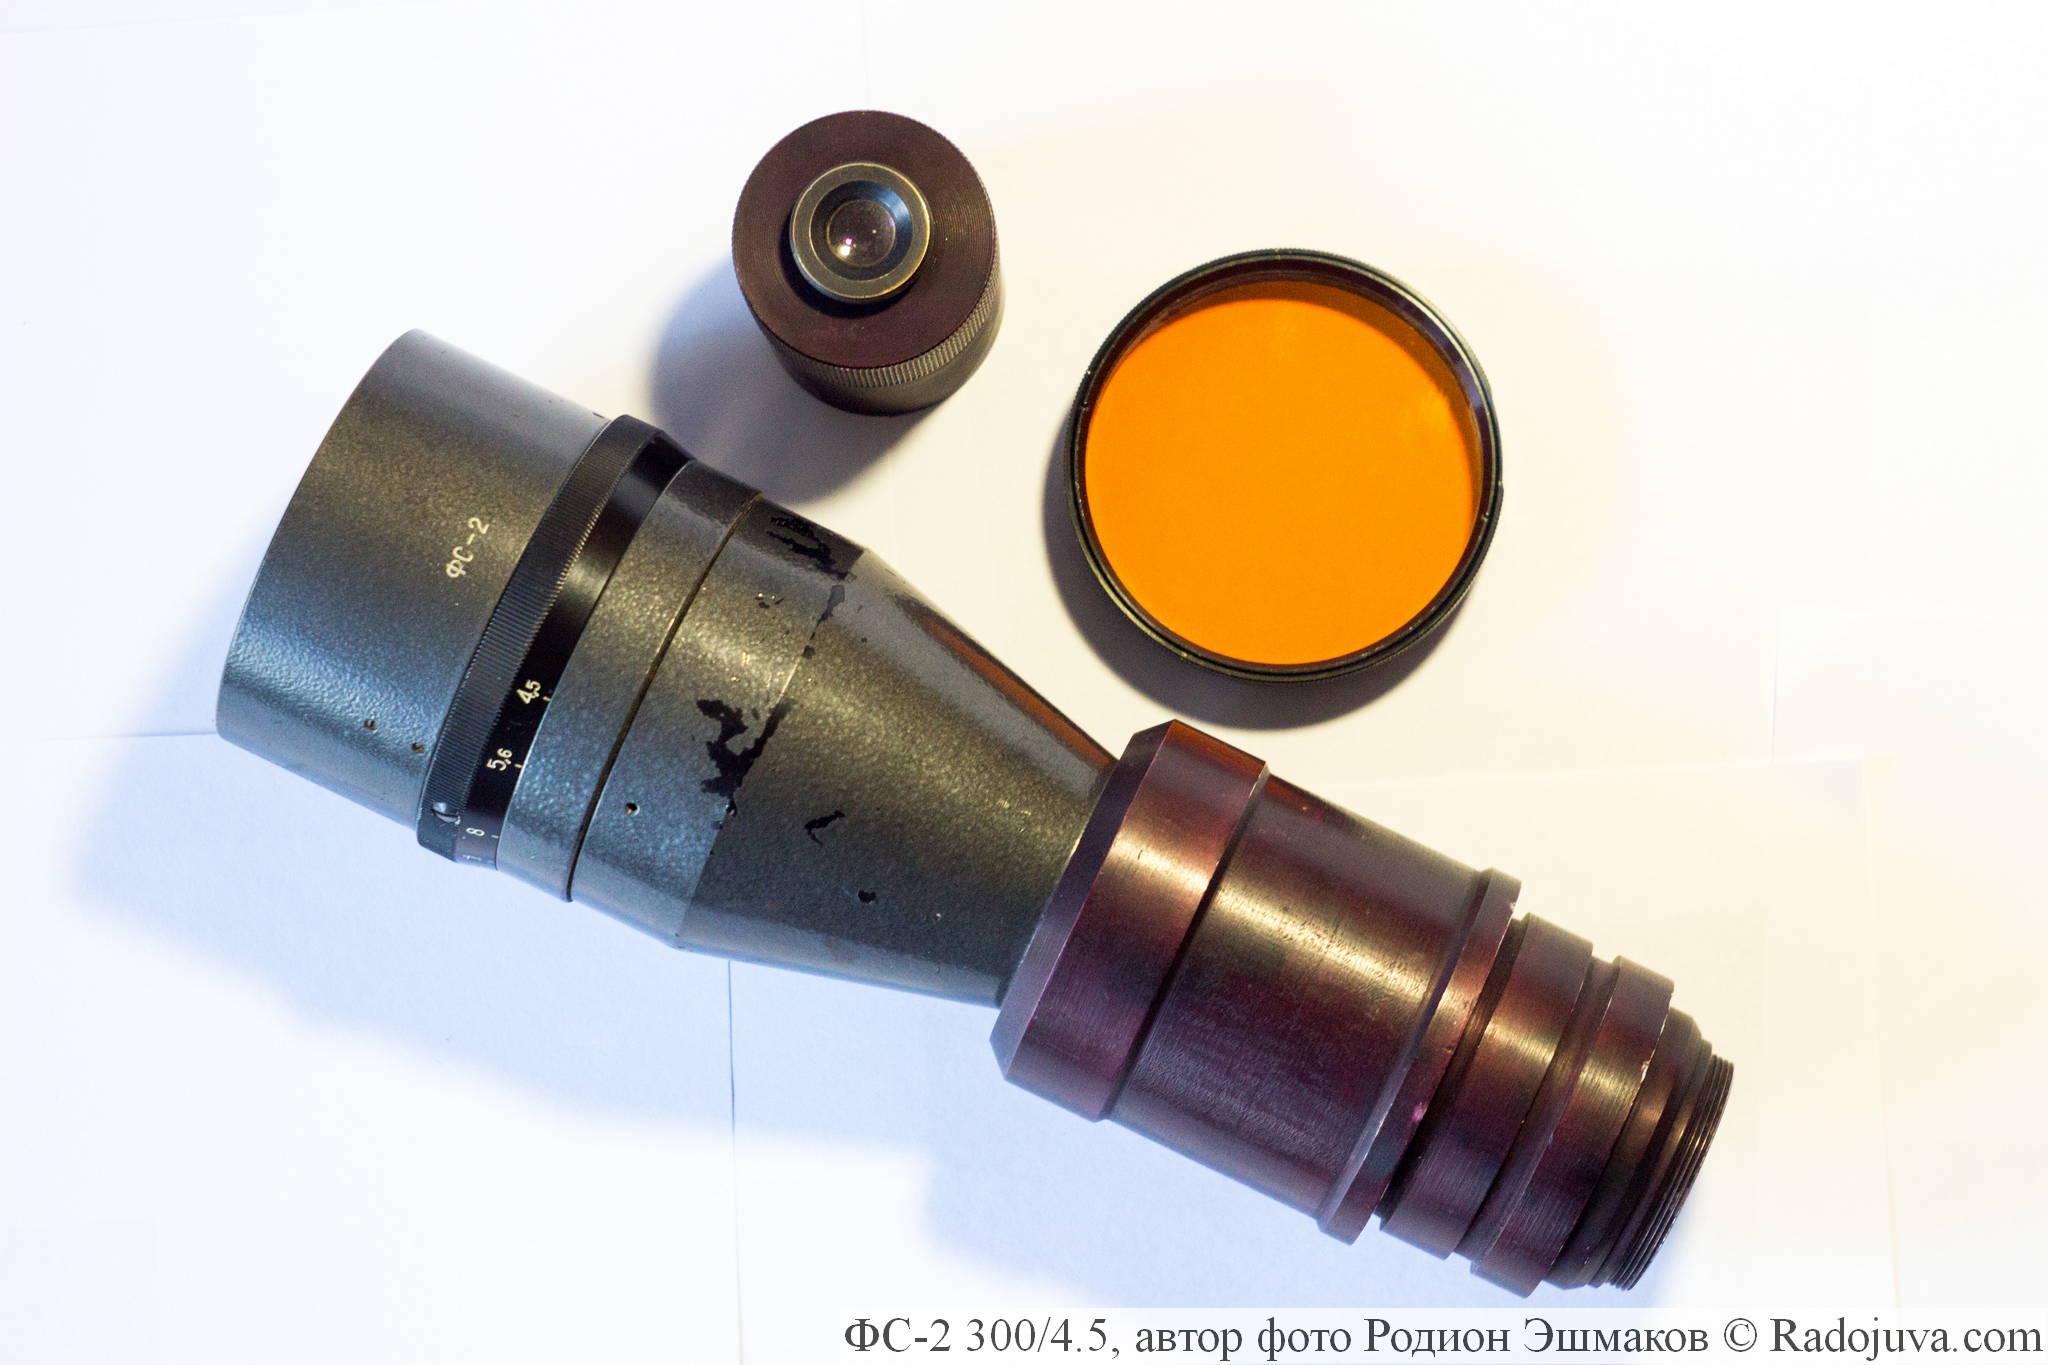 ФС-2, фильтр и окуляр